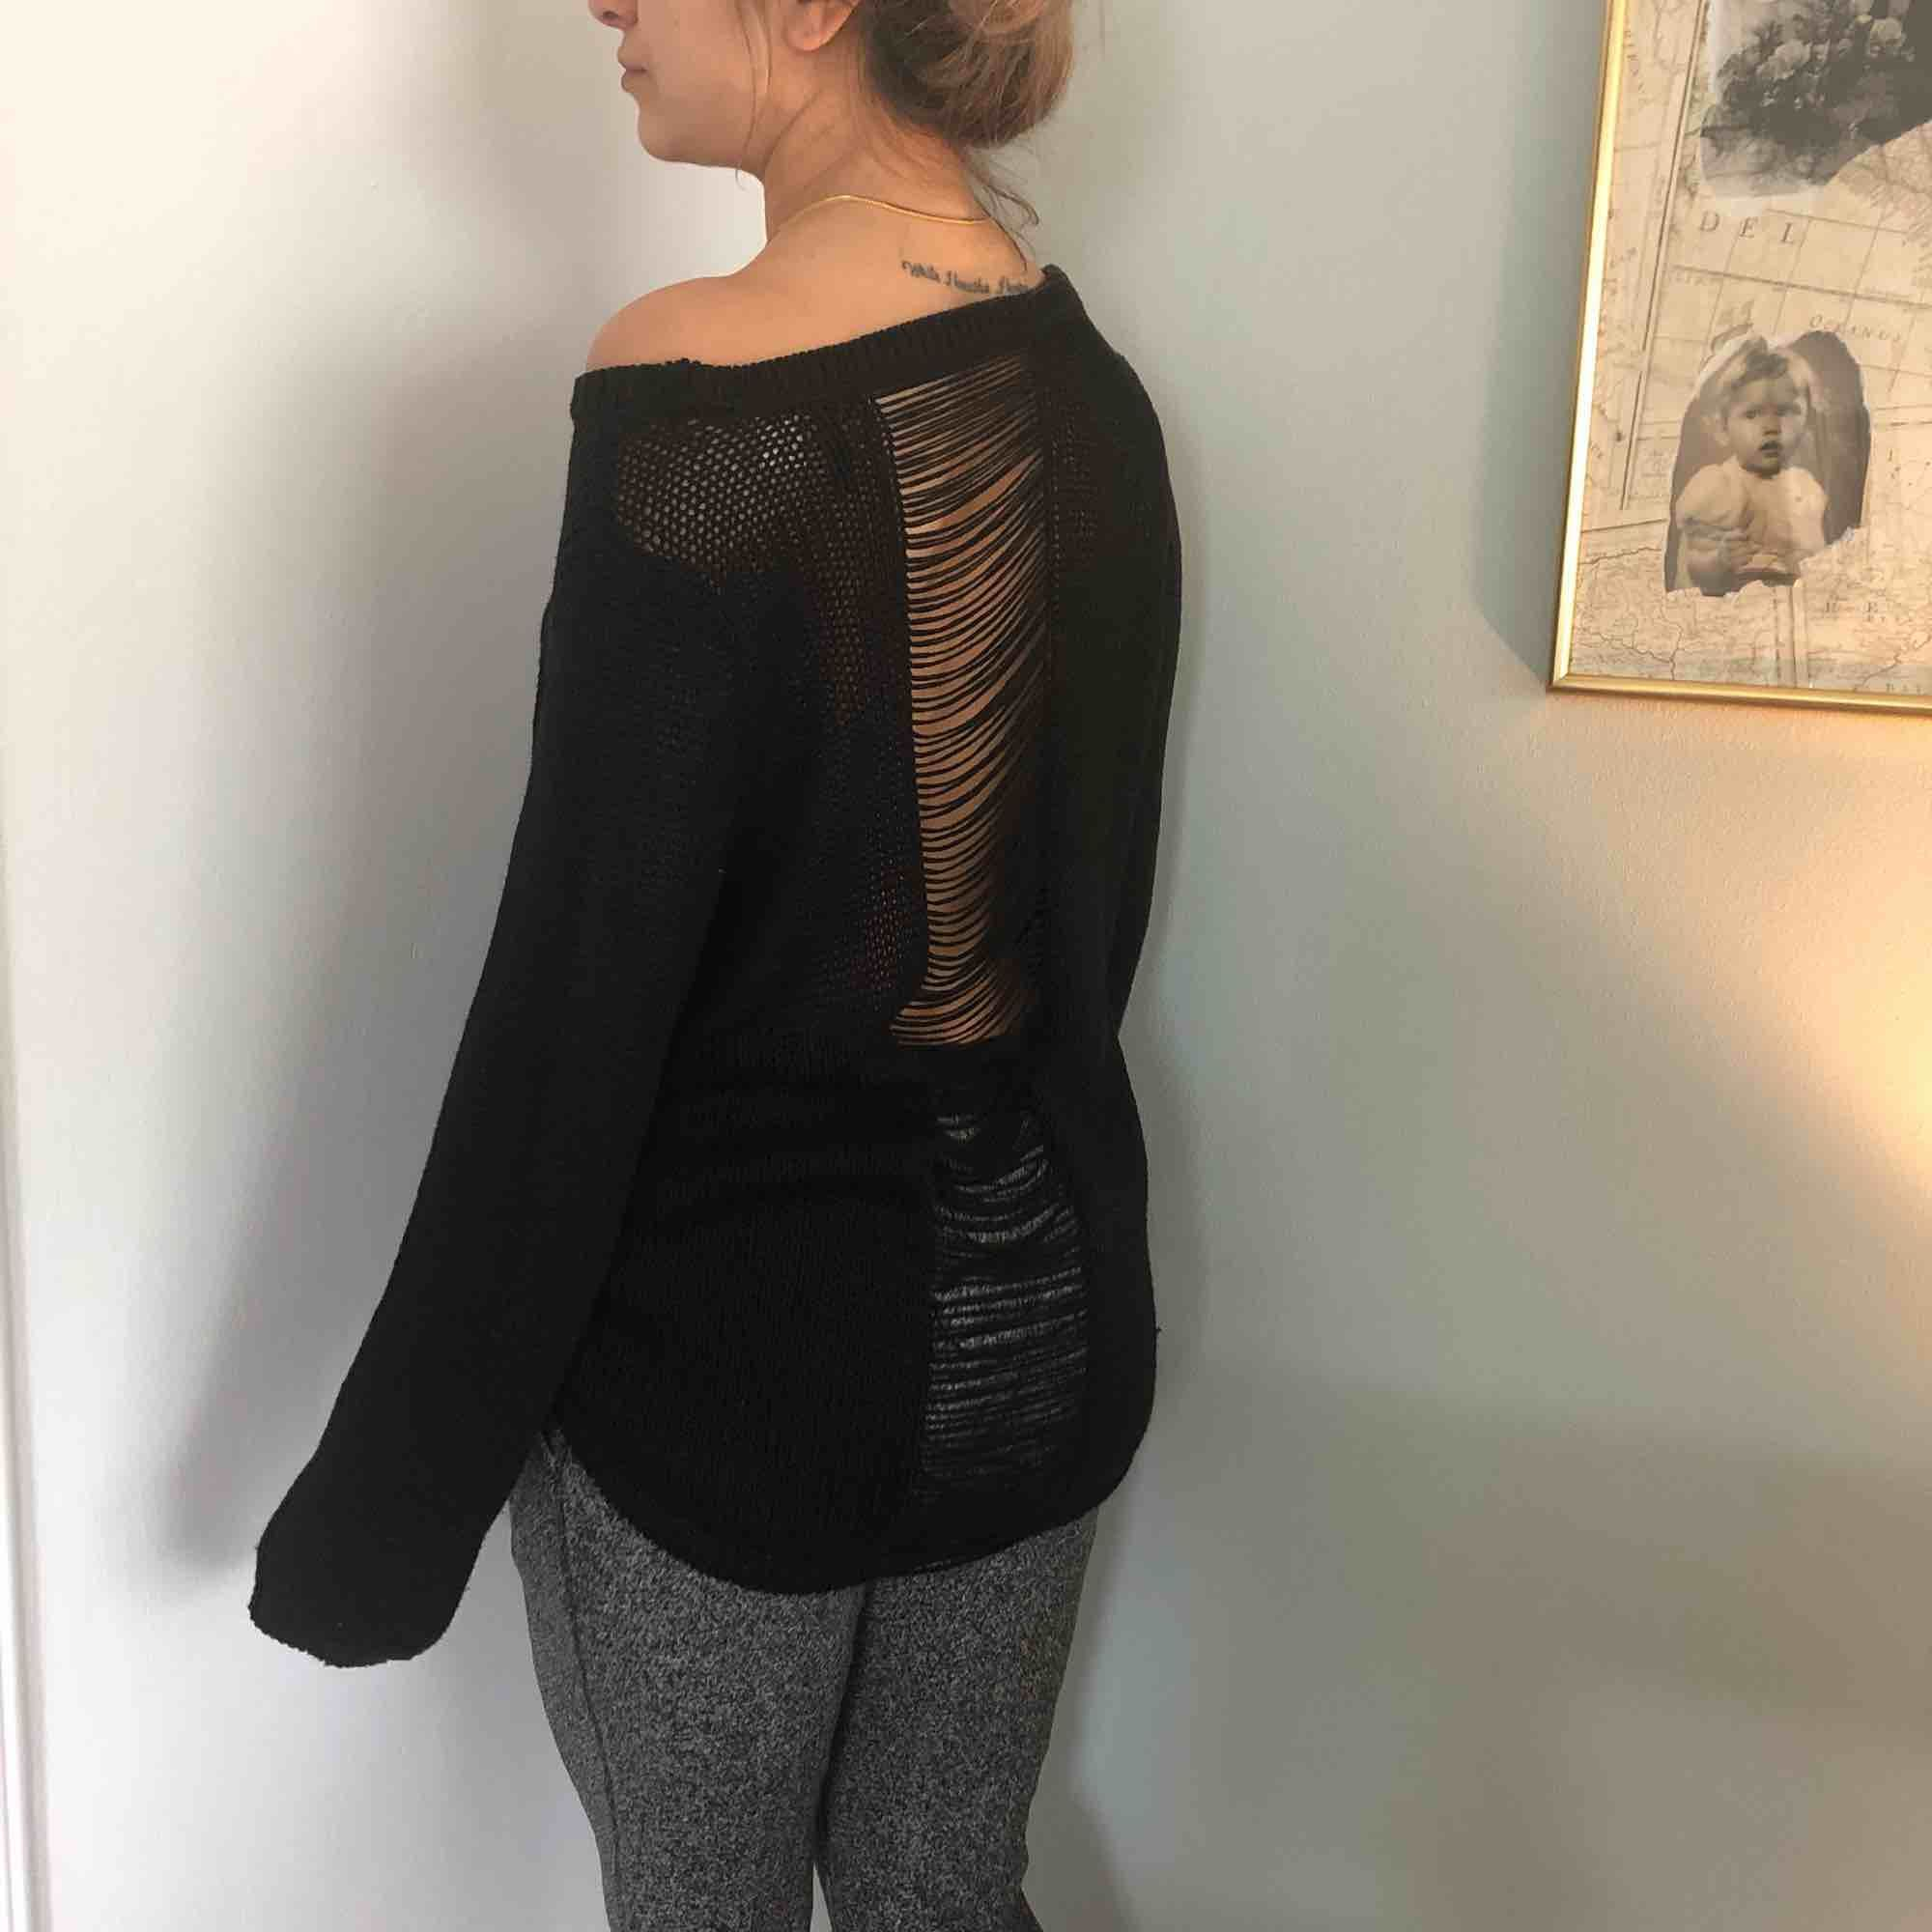 Svart stickad tröja från hm med detaljer i ryggen. Stickat.